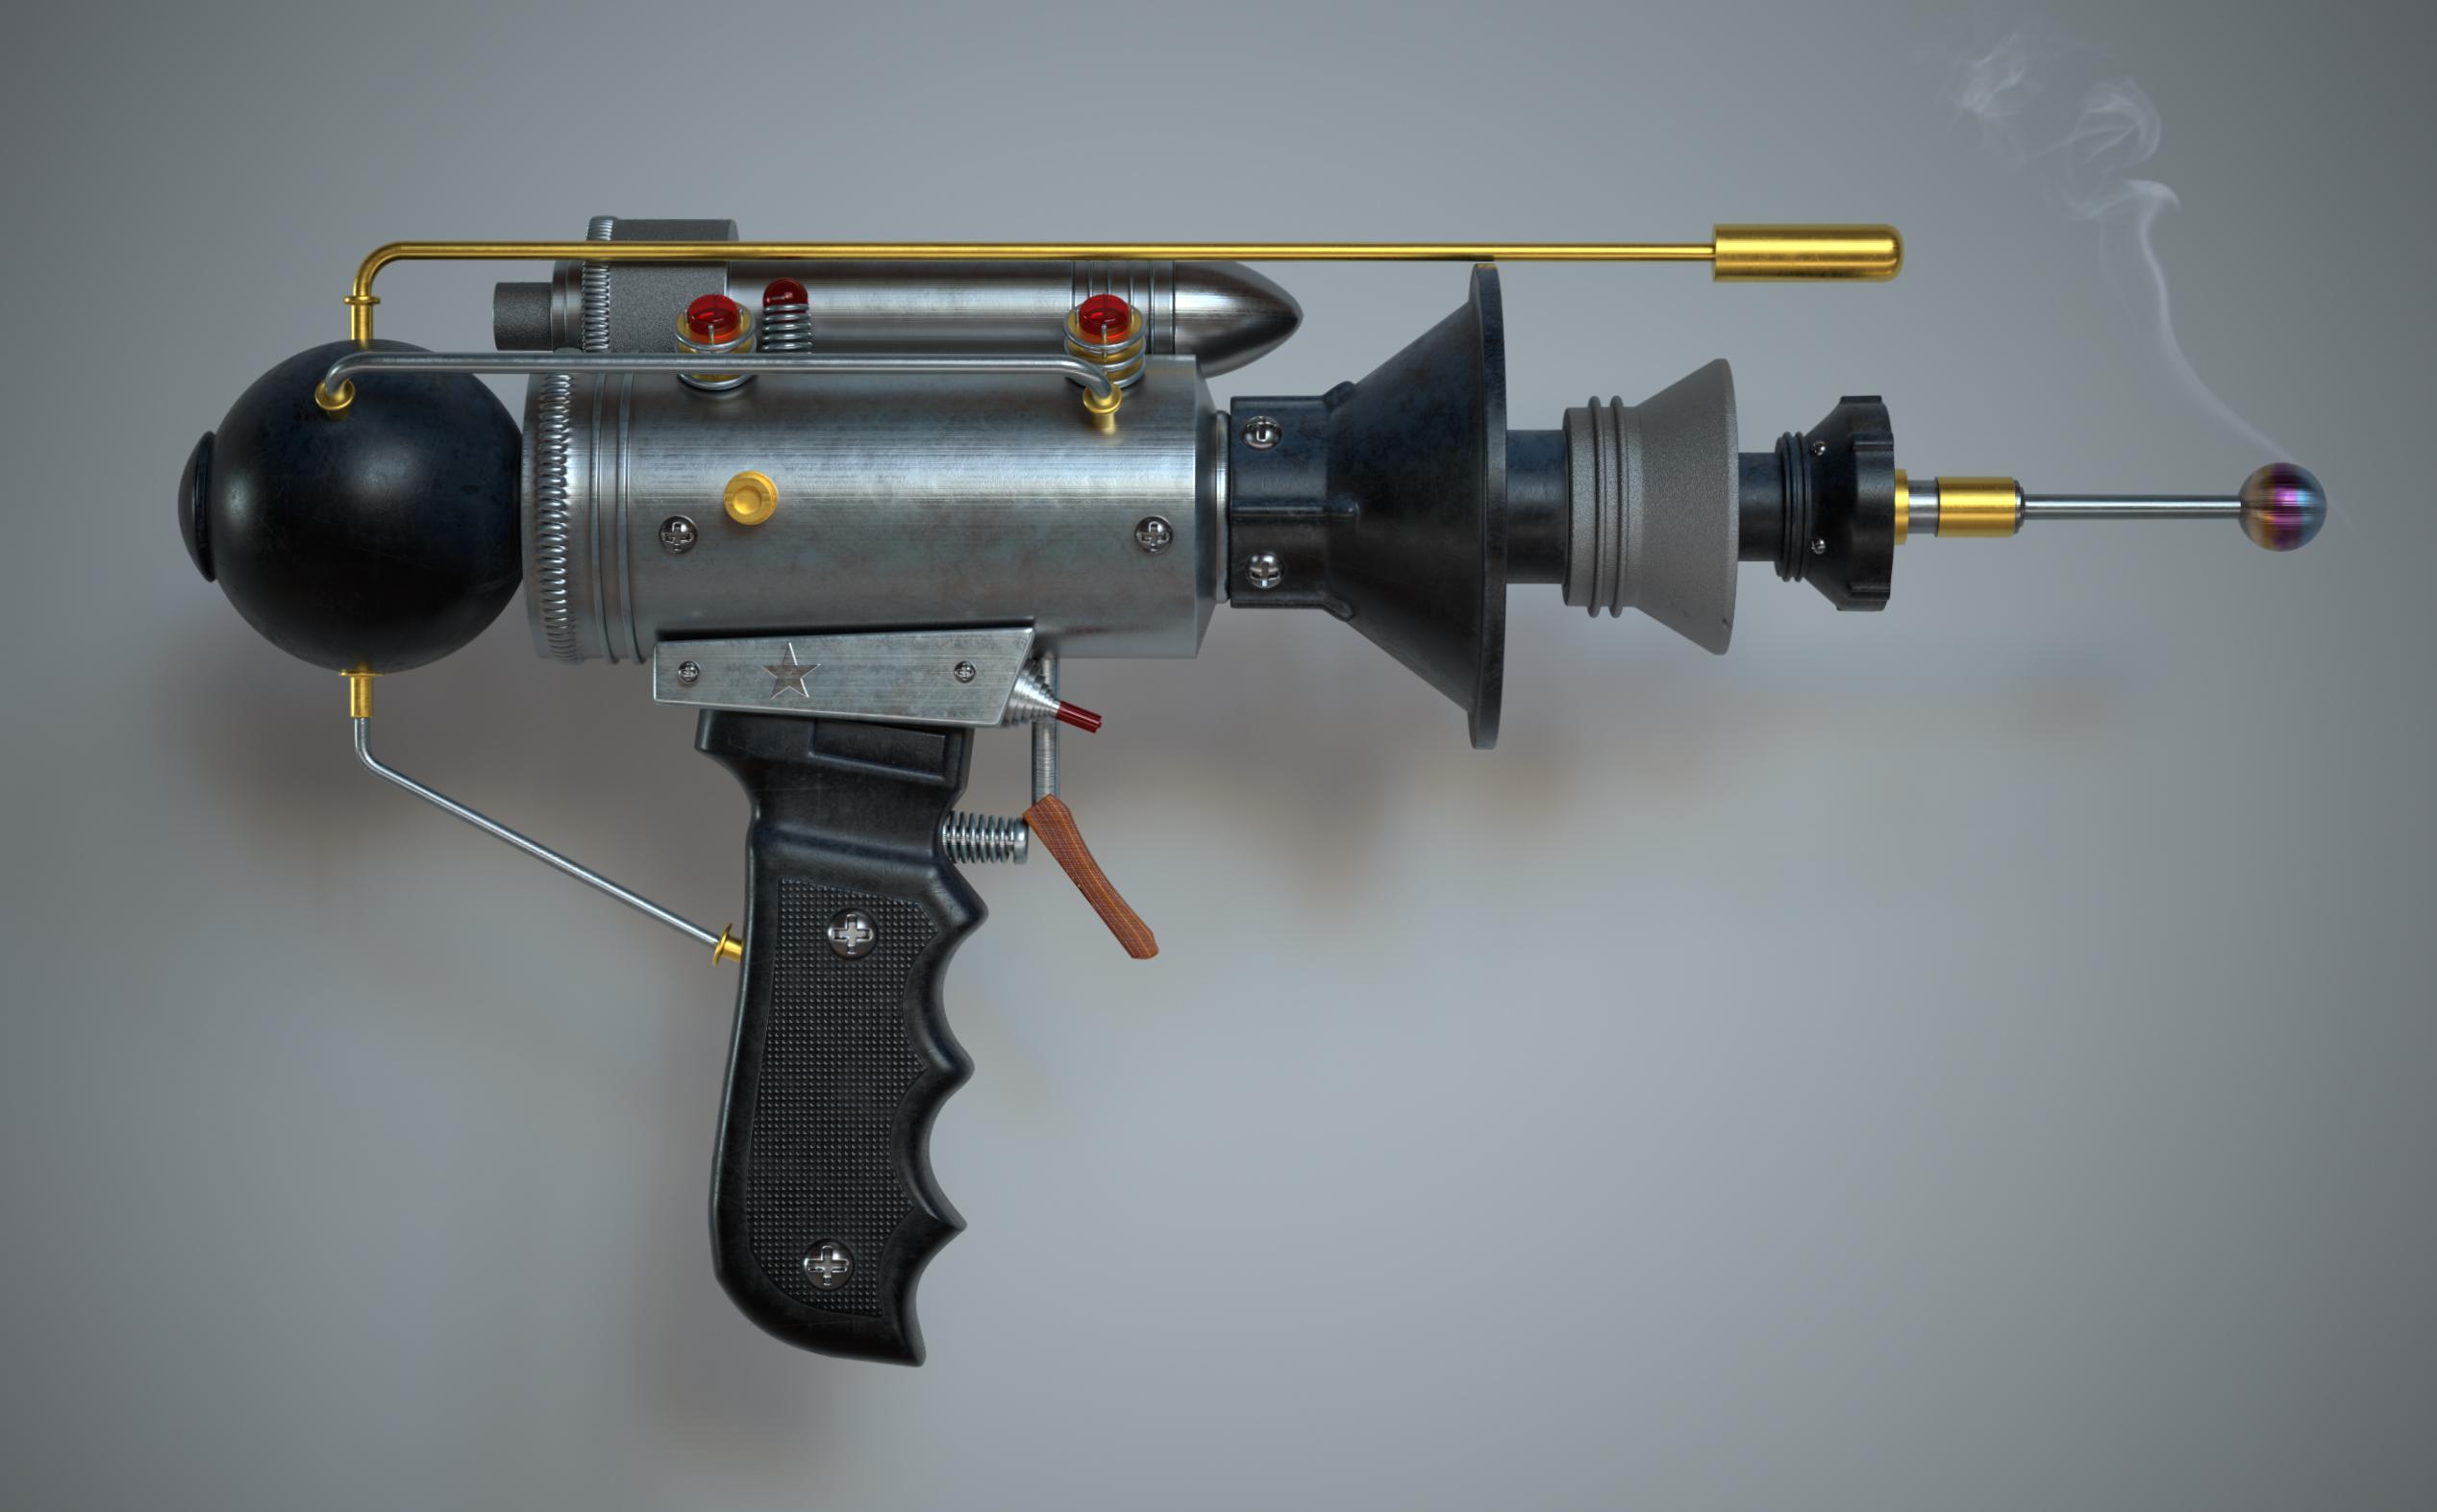 spacegunRetro